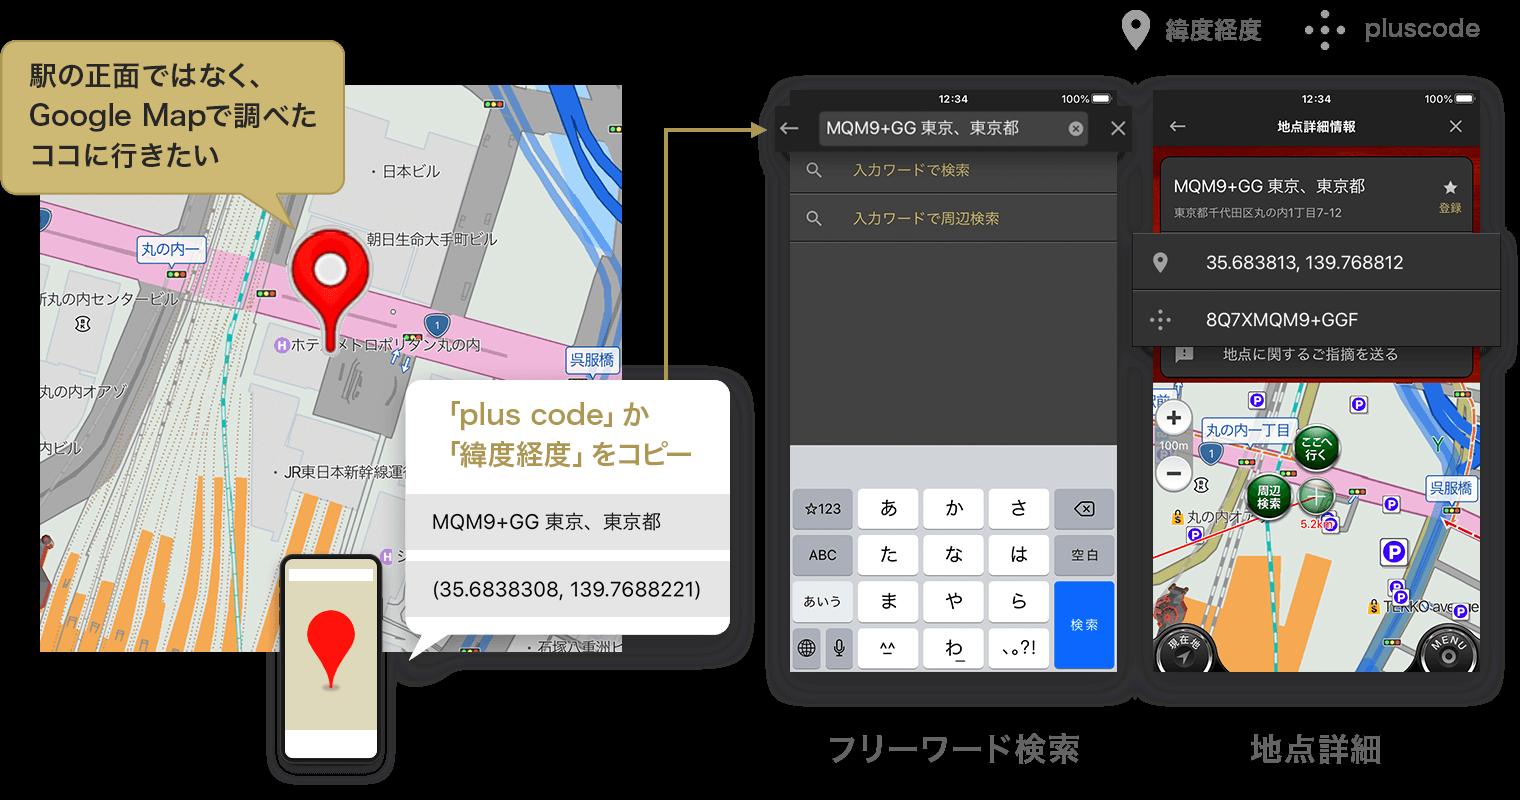 press_detail_cn_pluscode_202006 (1).png